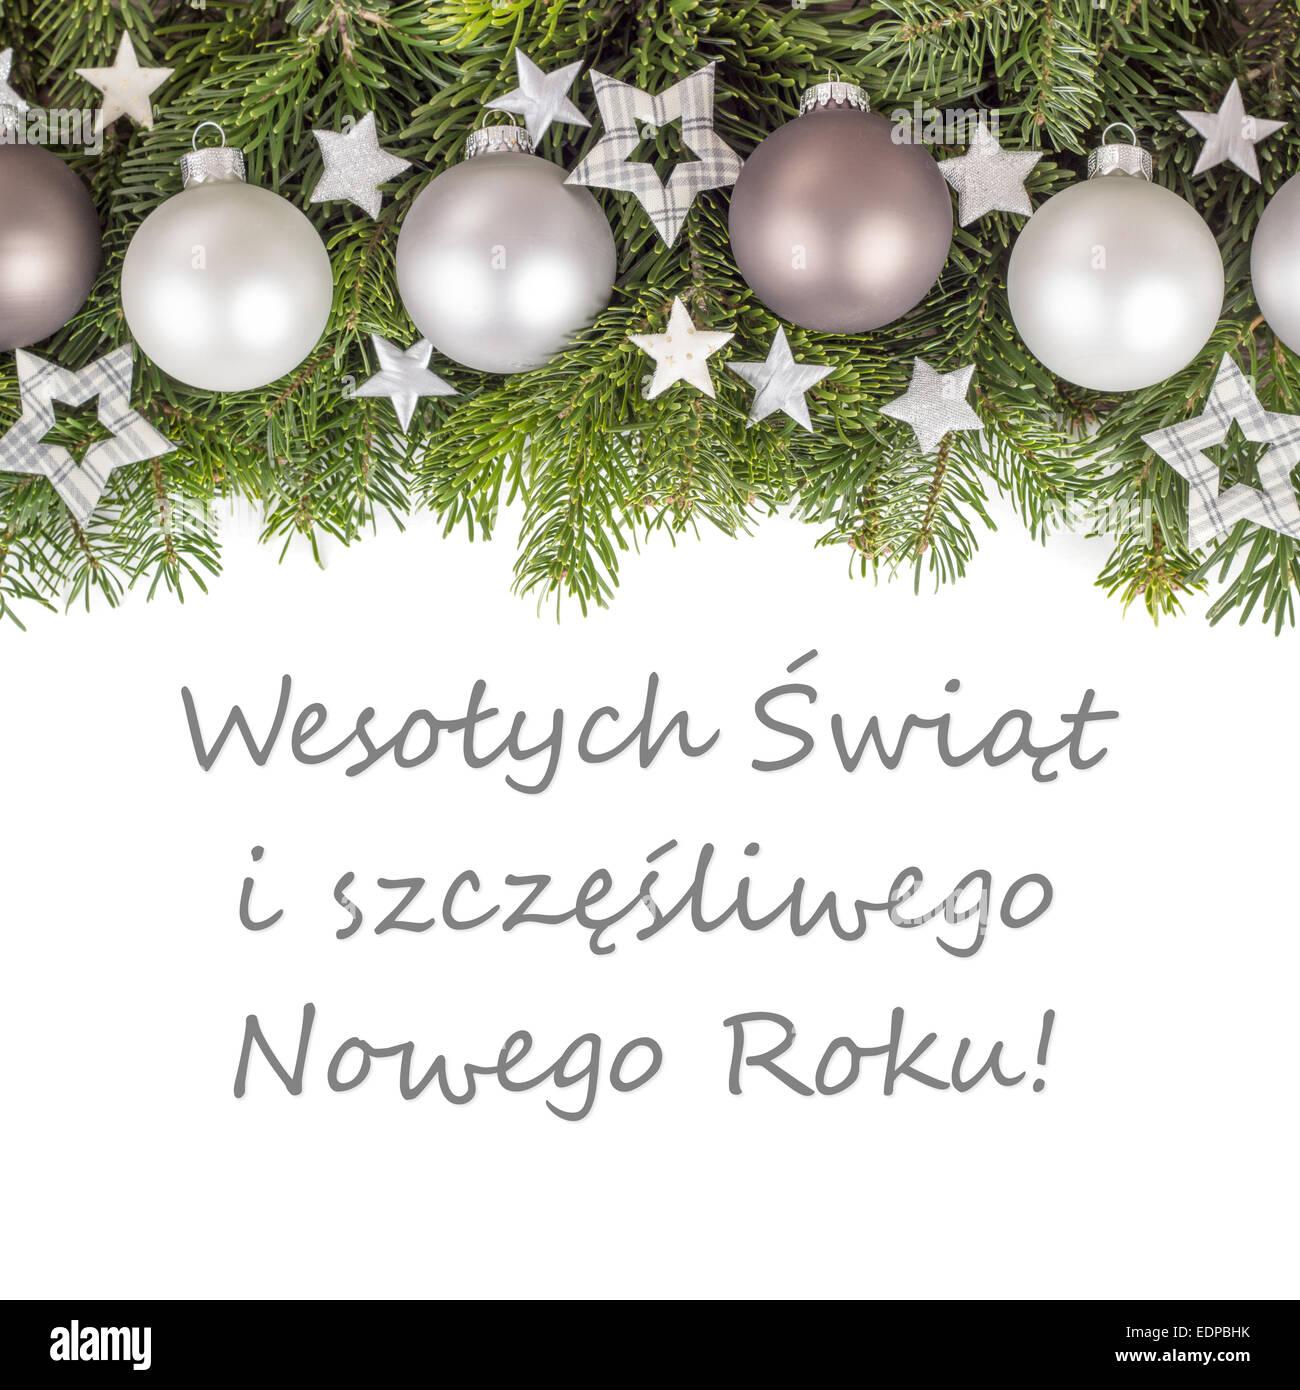 Polish Christmas Card Stock Photos & Polish Christmas Card Stock ...